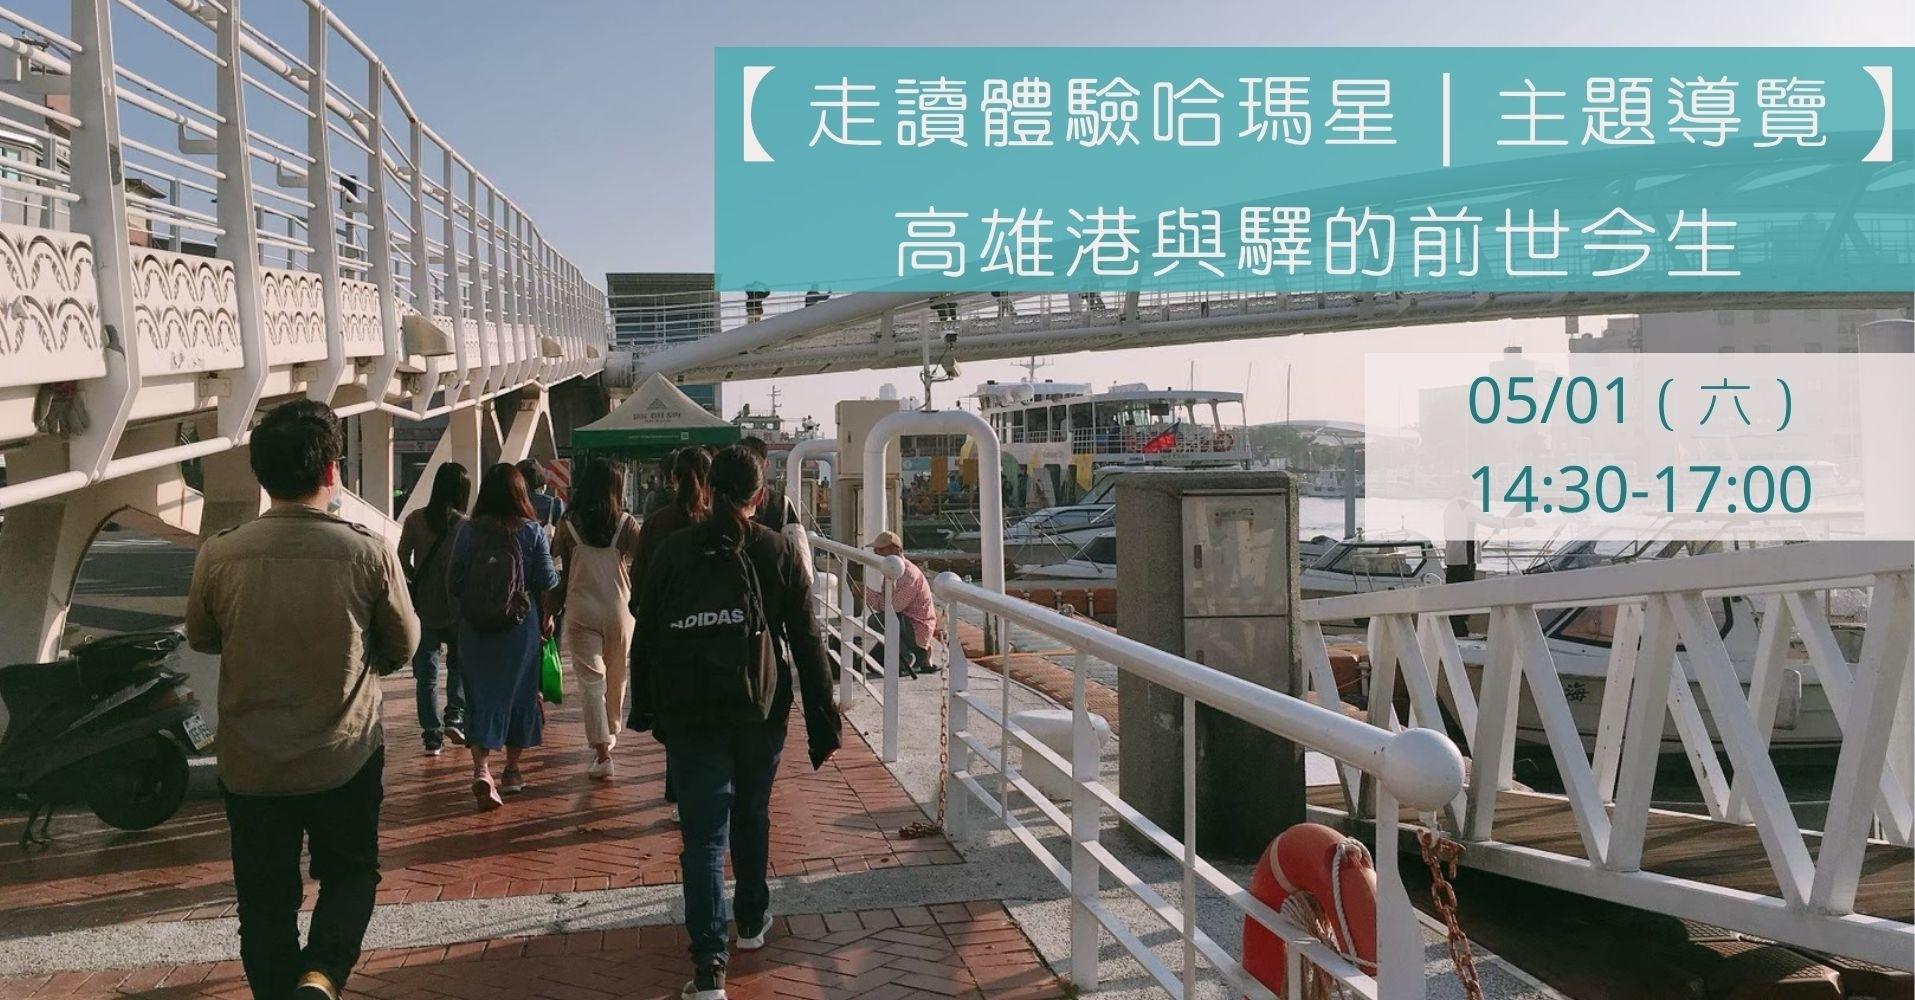 【走讀哈瑪星|主題導覽】高雄港與驛的前世今生